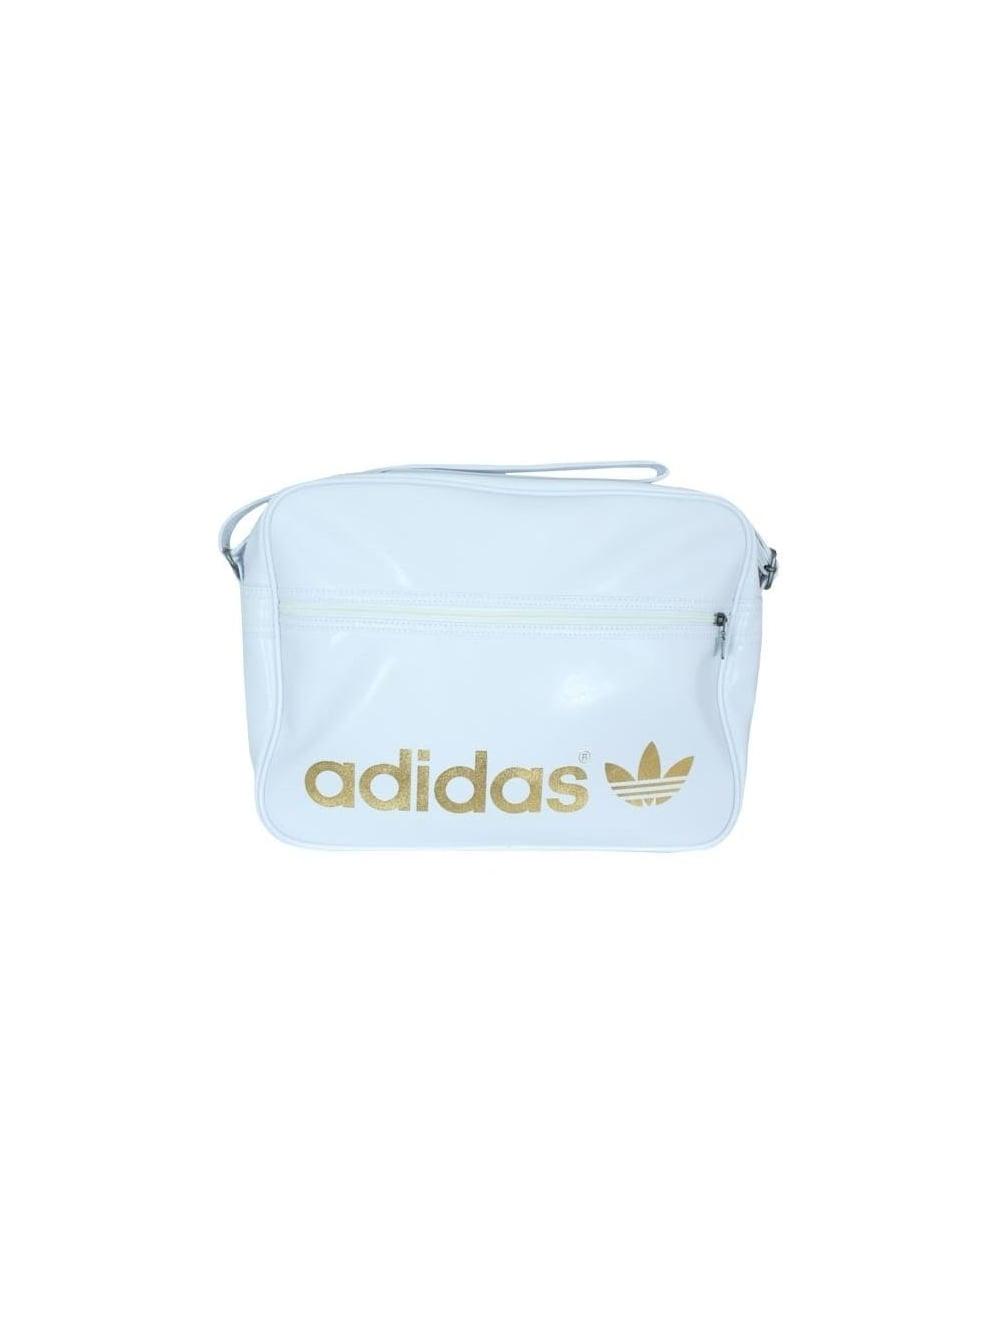 Mens adidas Originals Adidas Airline Bag -White  6afe1dcc6498f